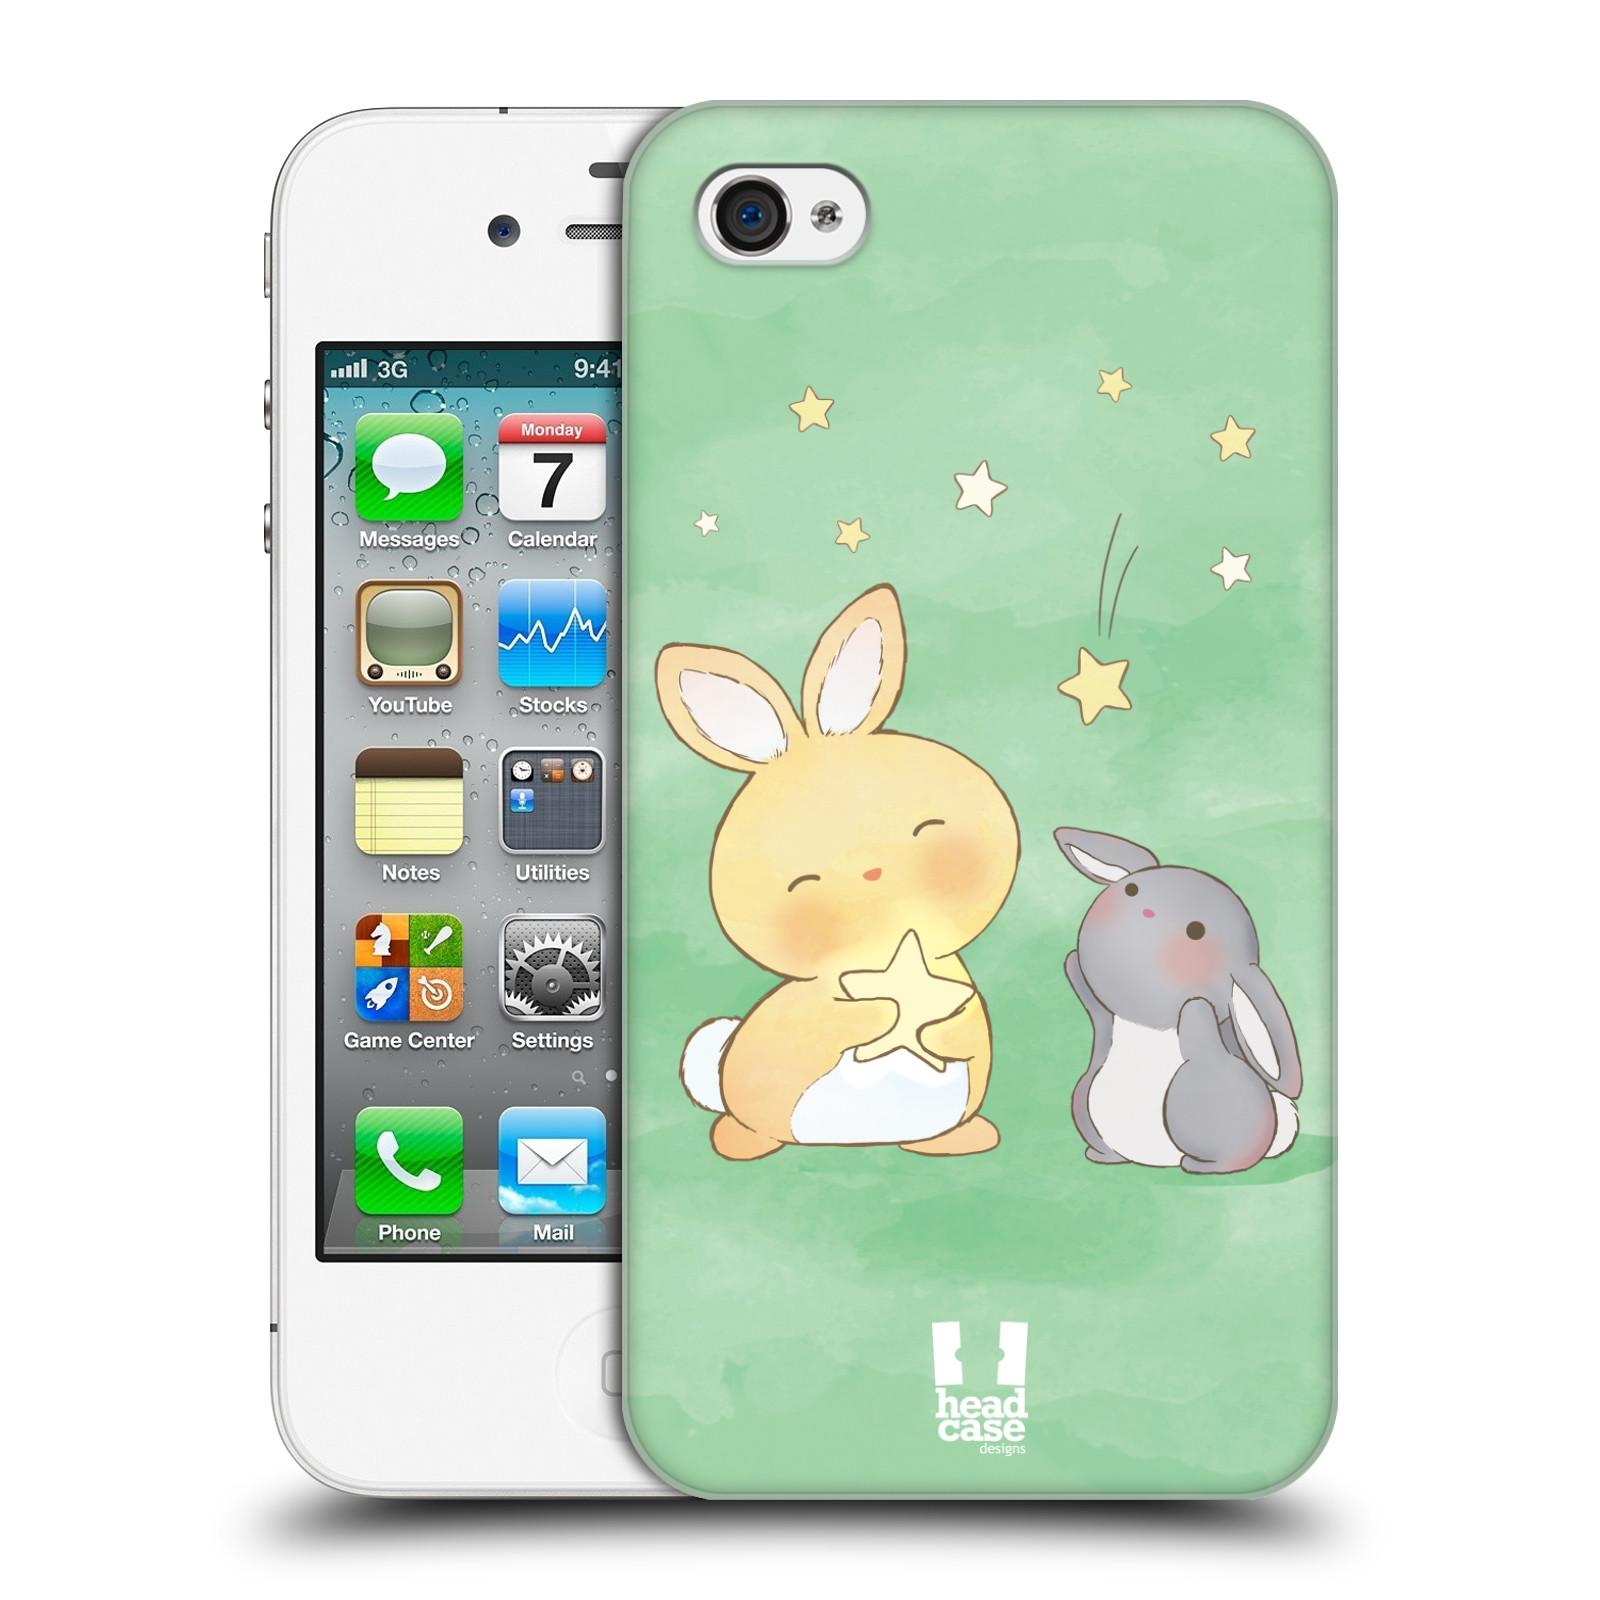 HEAD CASE plastový obal na mobil Apple Iphone 4/4S vzor králíček a hvězdy zelená